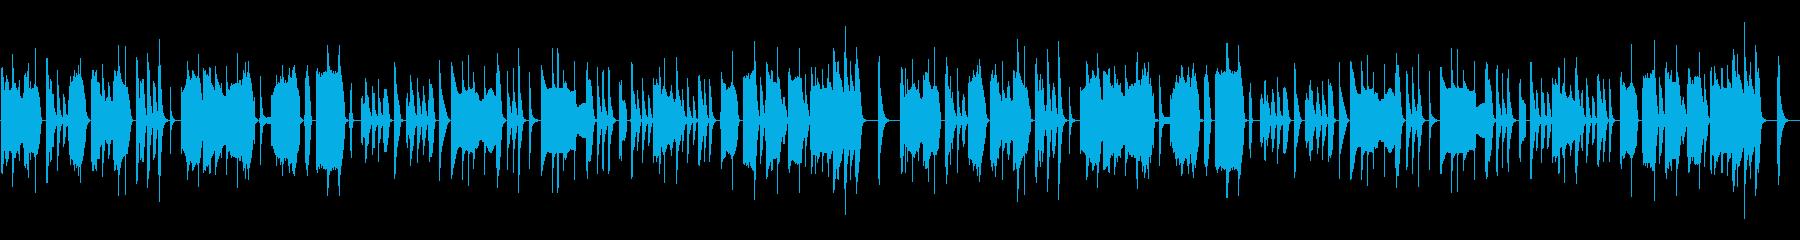 マヌケな脱力系の曲の再生済みの波形